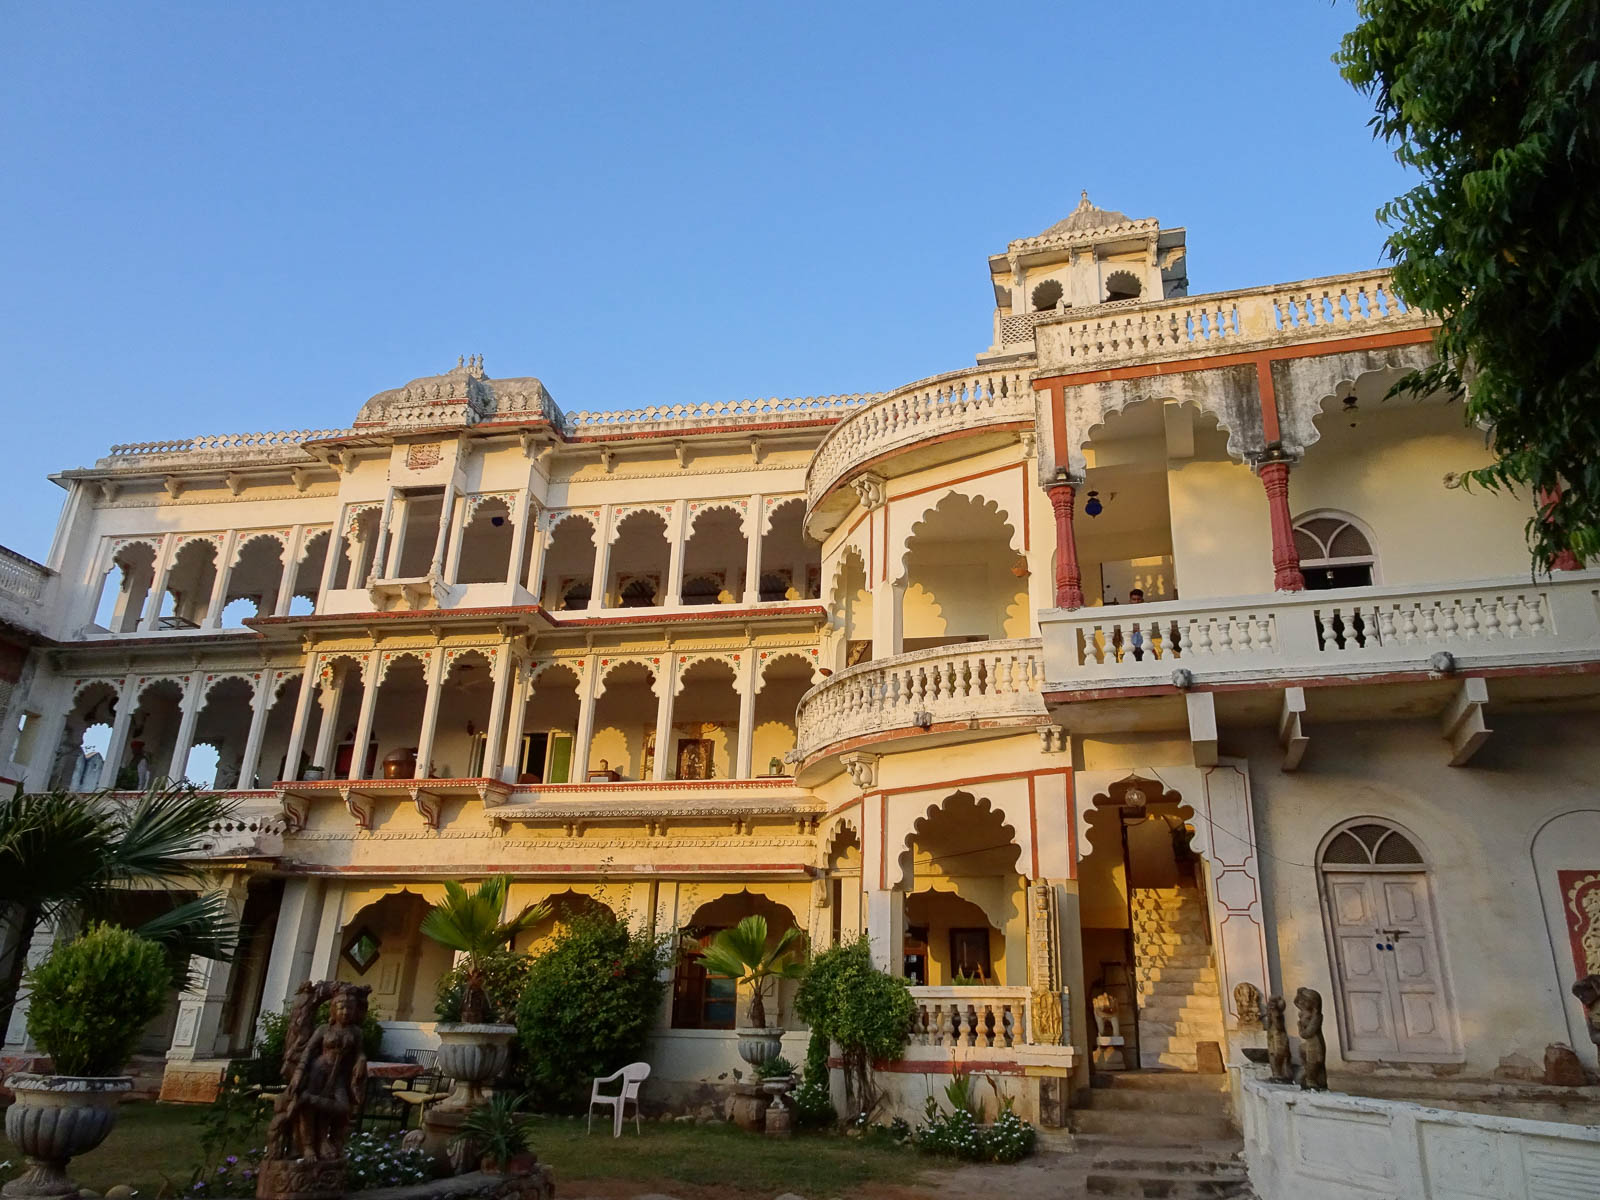 1024_Poshina_Darbargadh-Palace-1.jpg